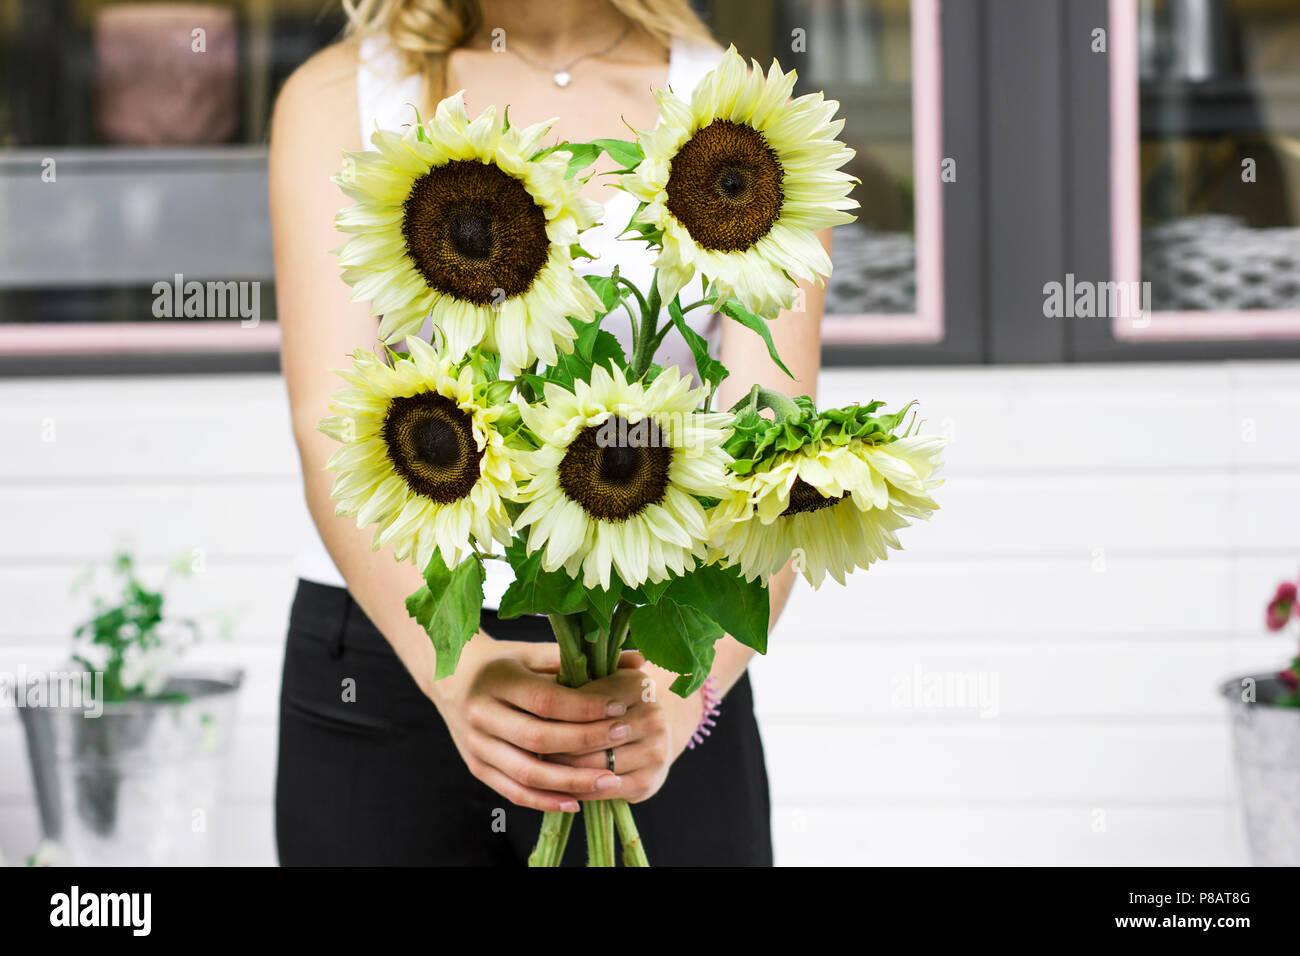 Giovane donna azienda luci decorative giallo dei girasoli nella